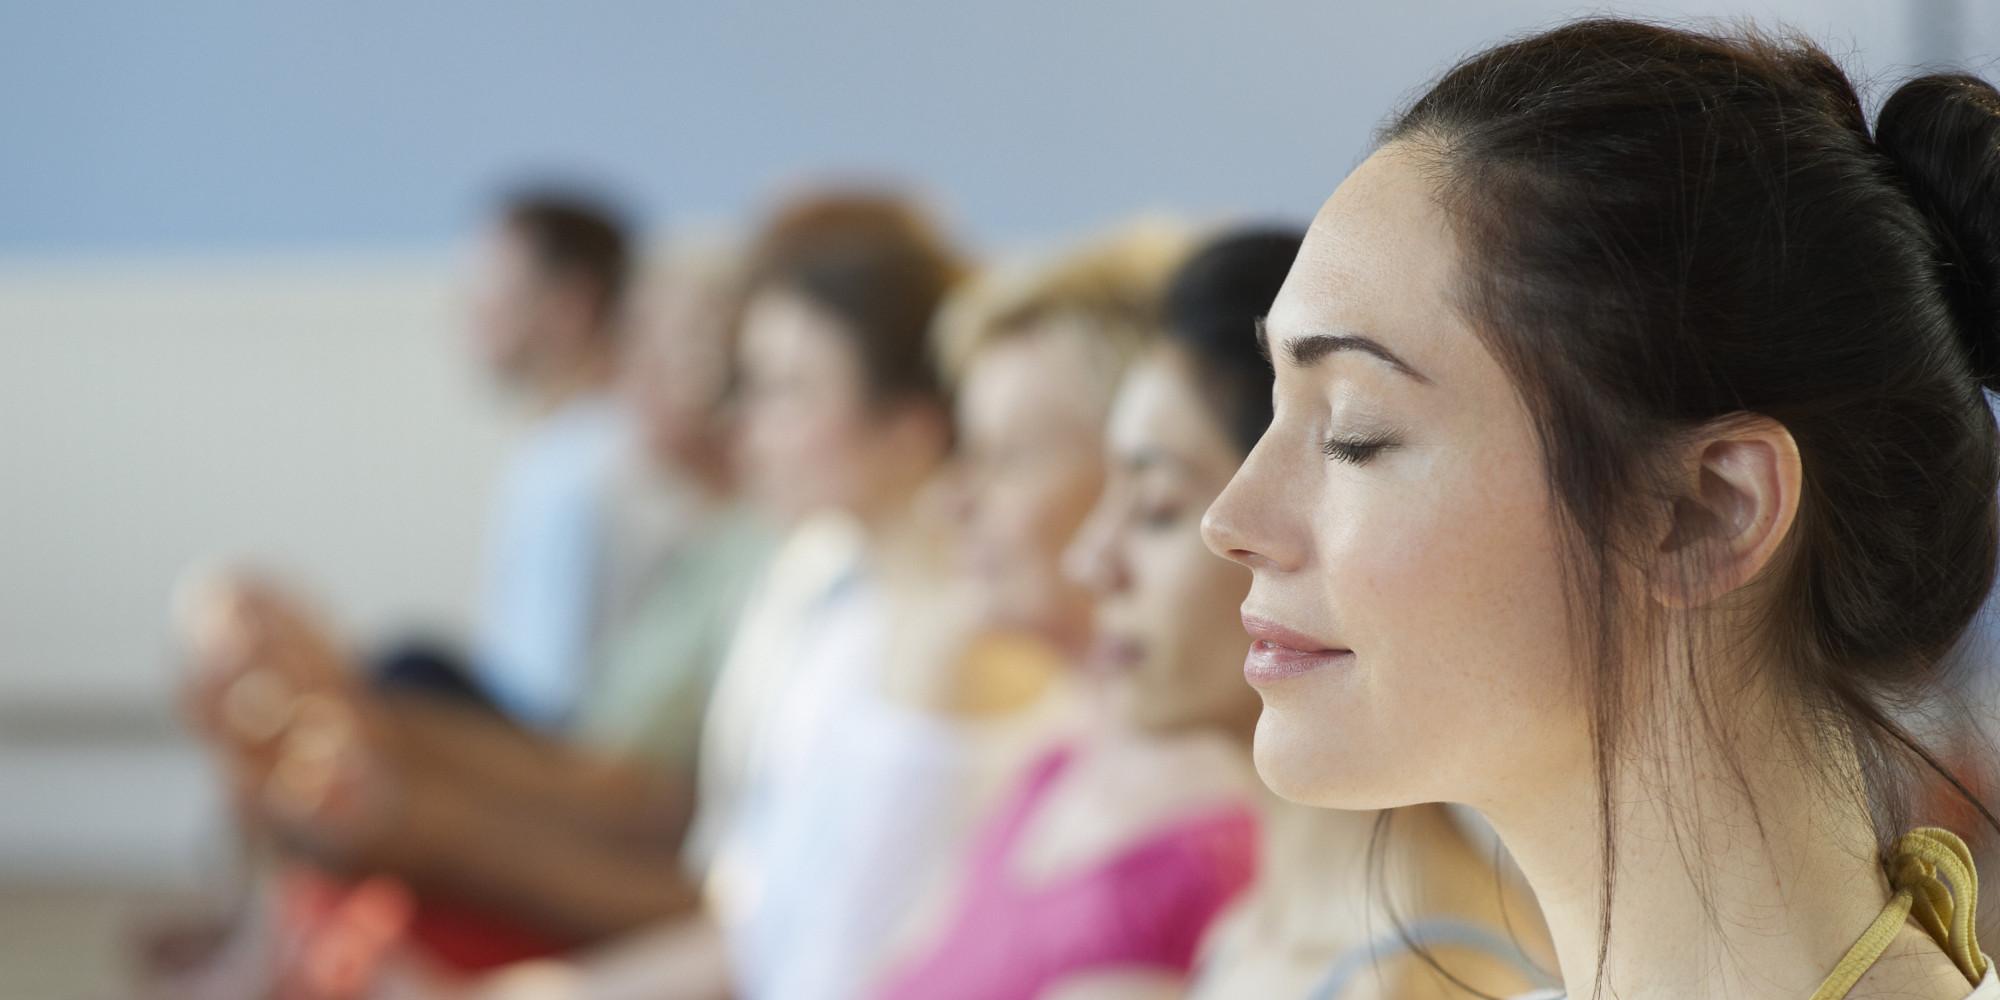 Mindfulness meditacija; što poznati svjetski mediji govore o njoj?